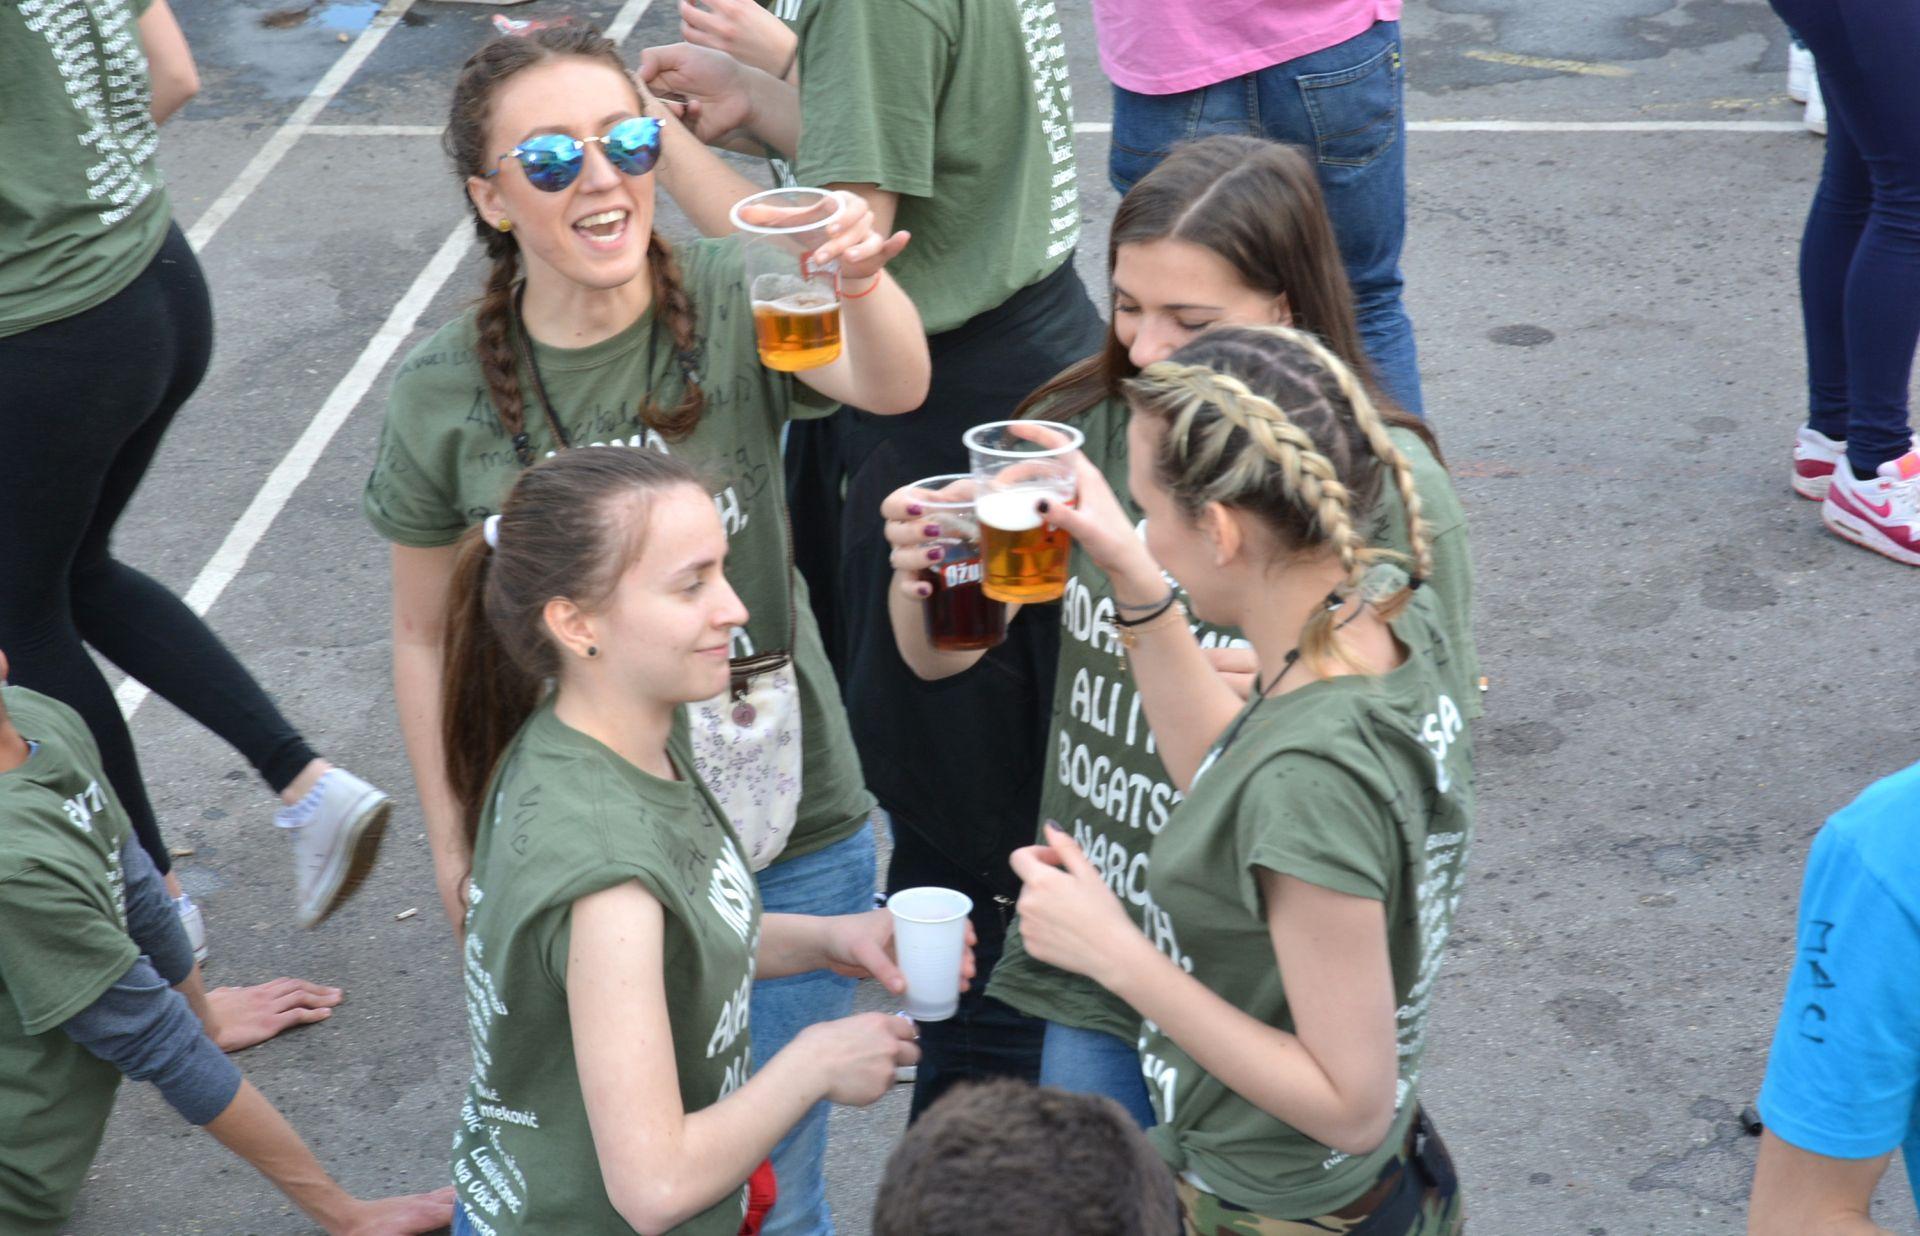 ZAVRŠETAK ŠKOLSKE GODINE: Štetnost uporabe alkohola kod mladih